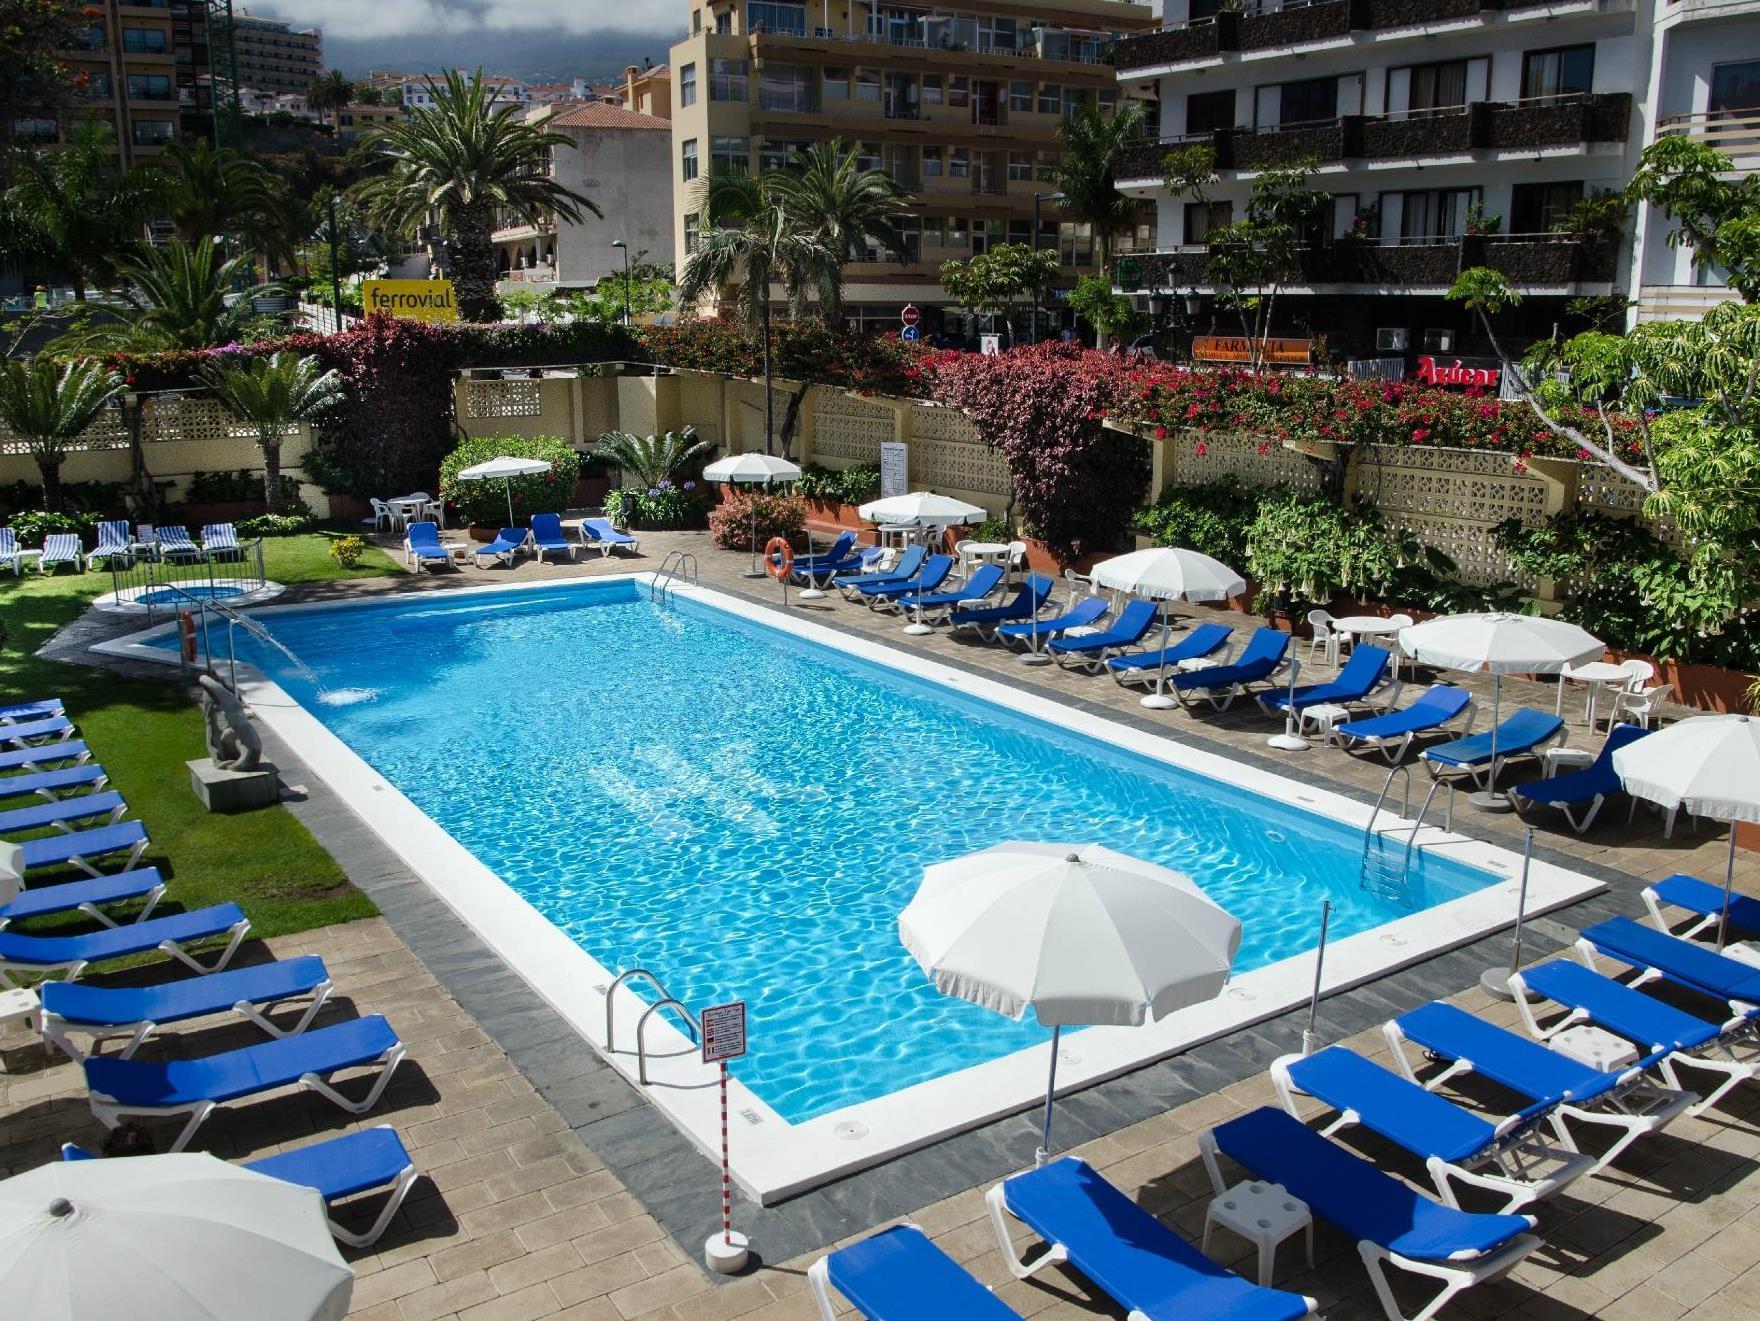 Hotel Catalonia Las Vegas - Tenerife